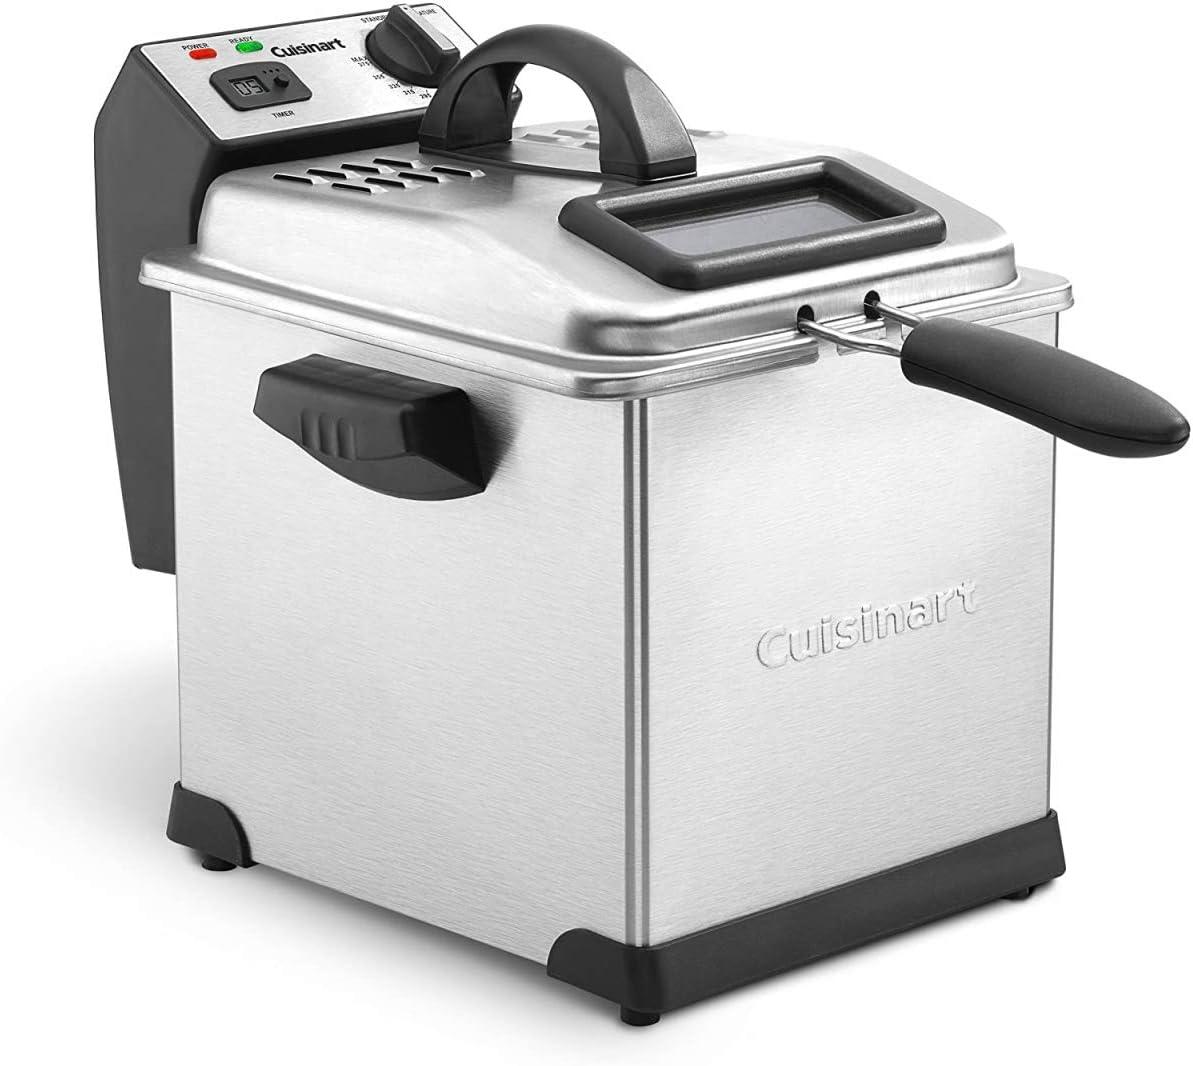 Cuisinart 3.4-Quart Deep Fryer